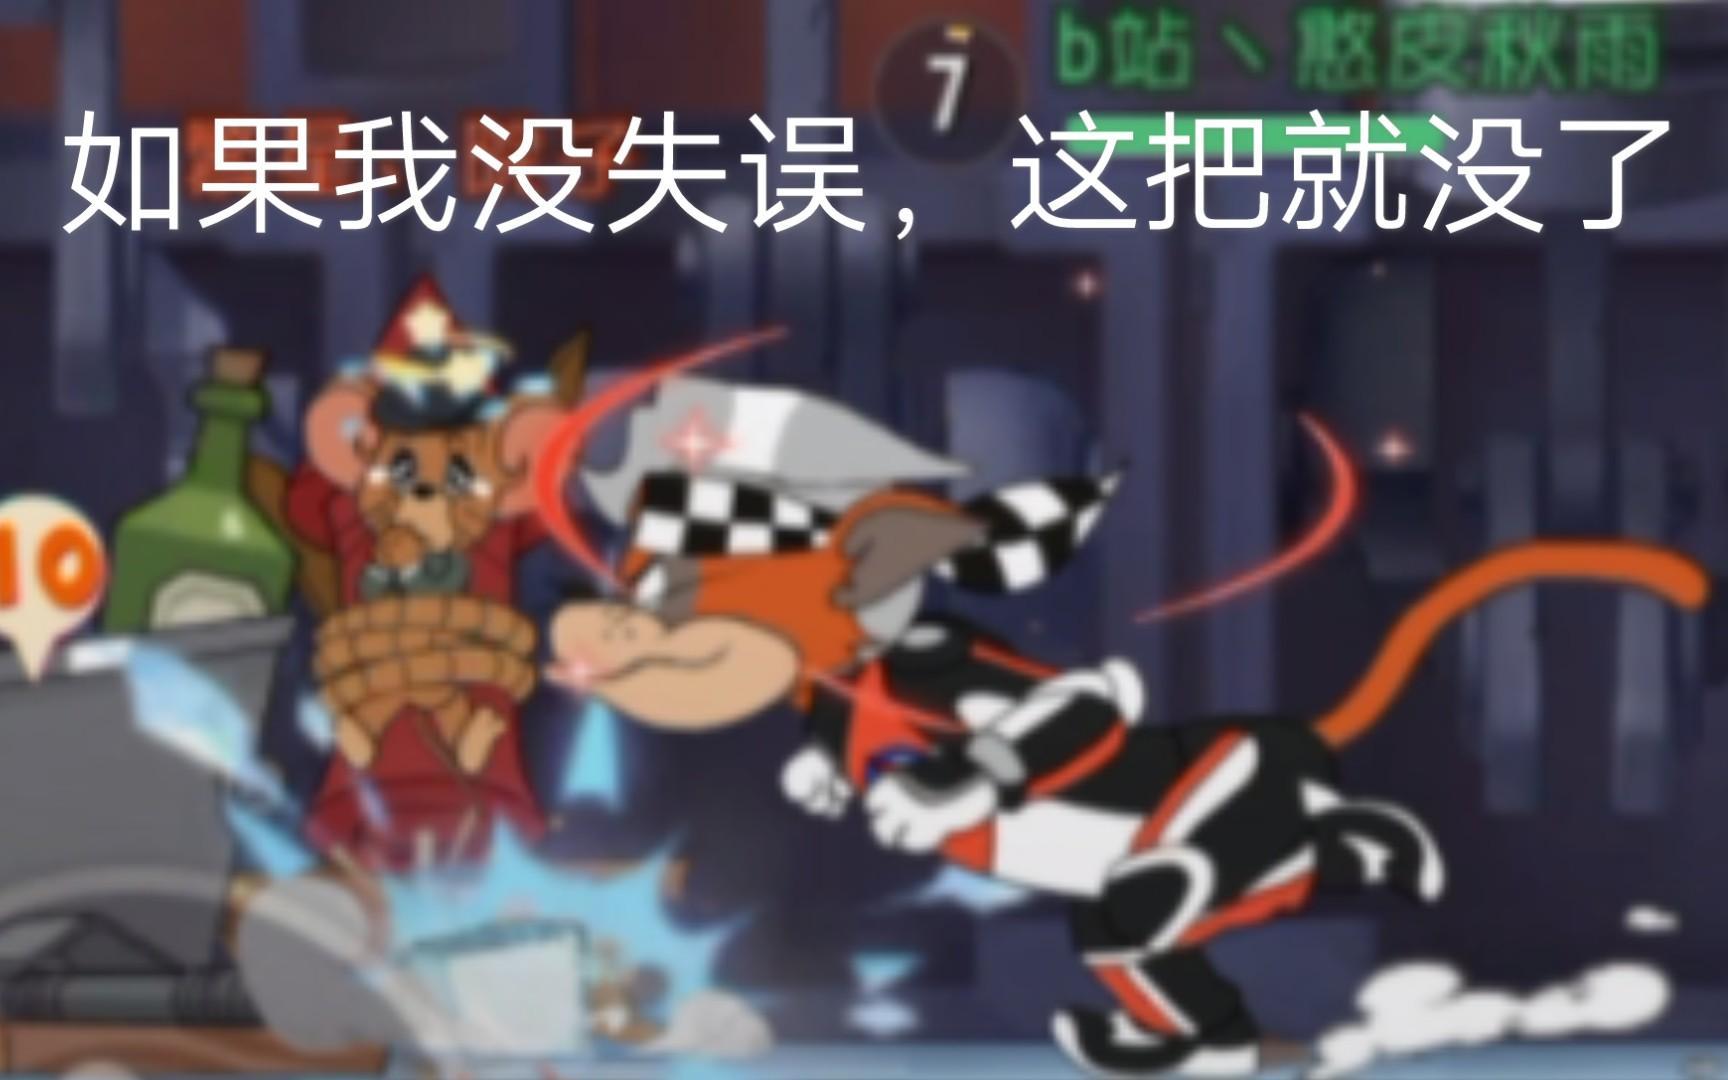 一个失误决定胜负,如果没有我失误,我肯定赢不了……【猫和老鼠手游】